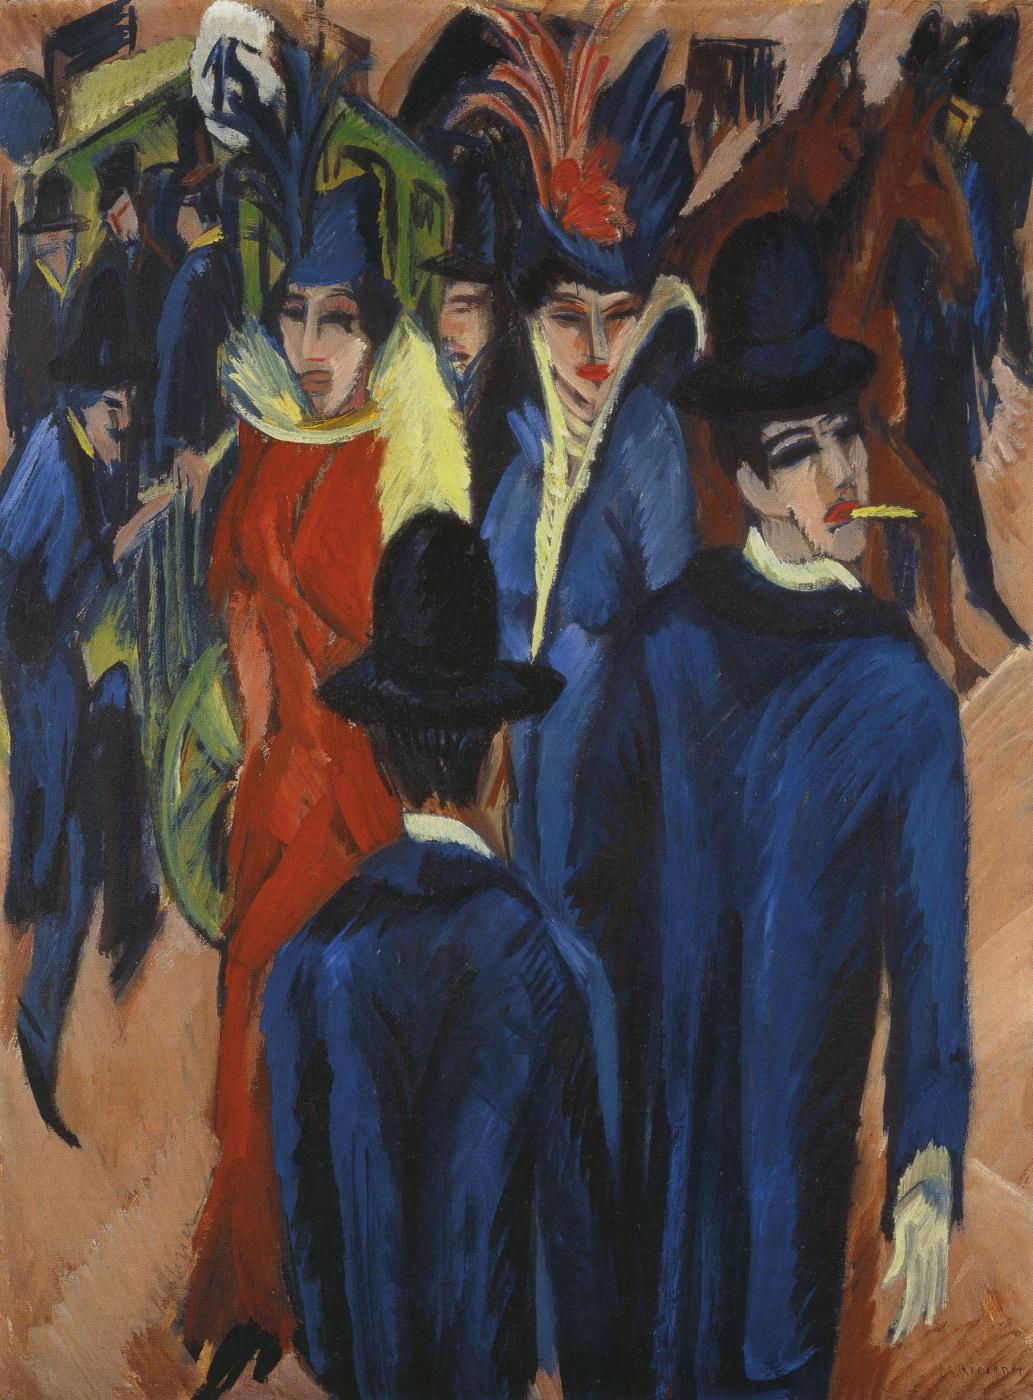 Ernst Ludwig Kirchner. Berlin Street Scene